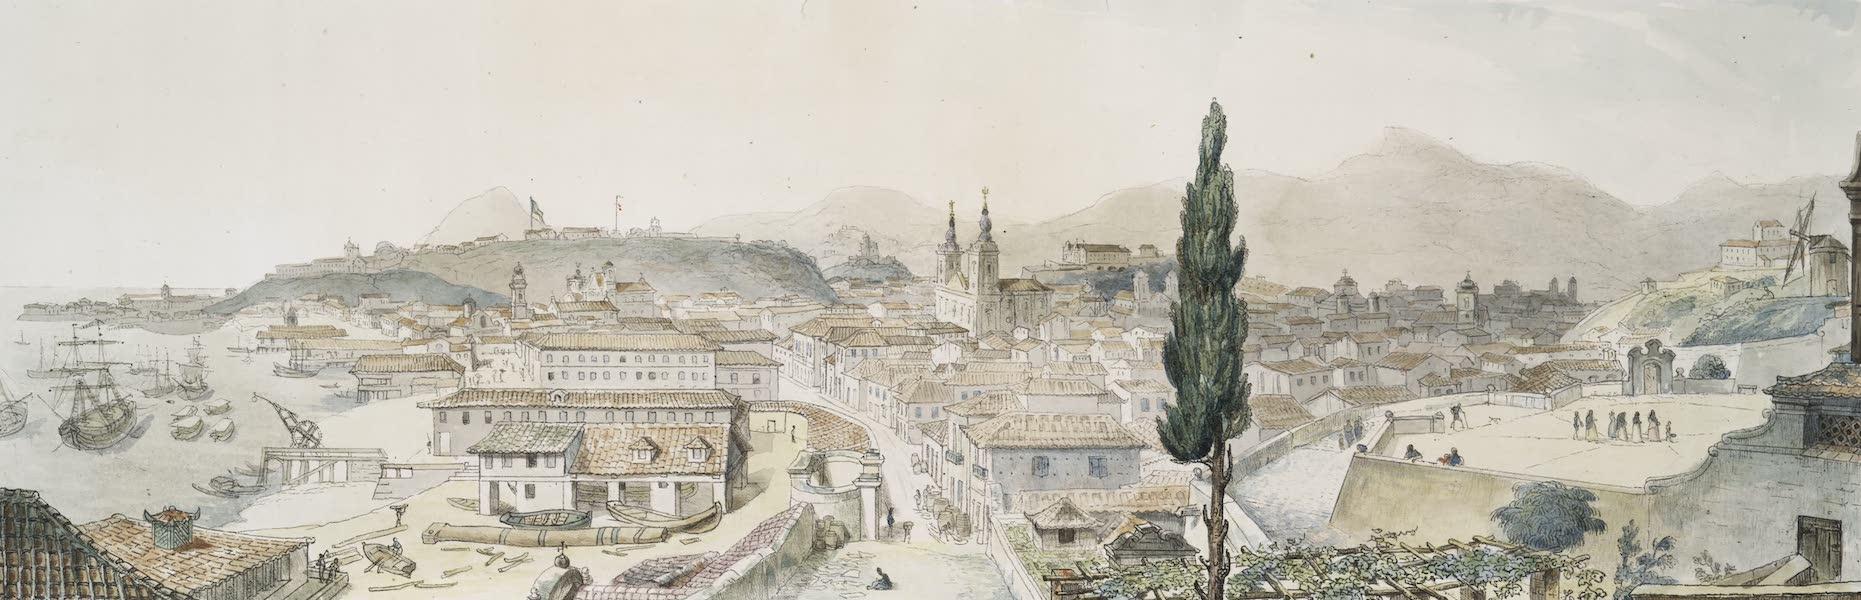 Voyage Pittoresque et Historique au Bresil Vol. 3 - Vue générale de la Ville de Rio de Janeiro prise du Couvent de St. Bento (1839)